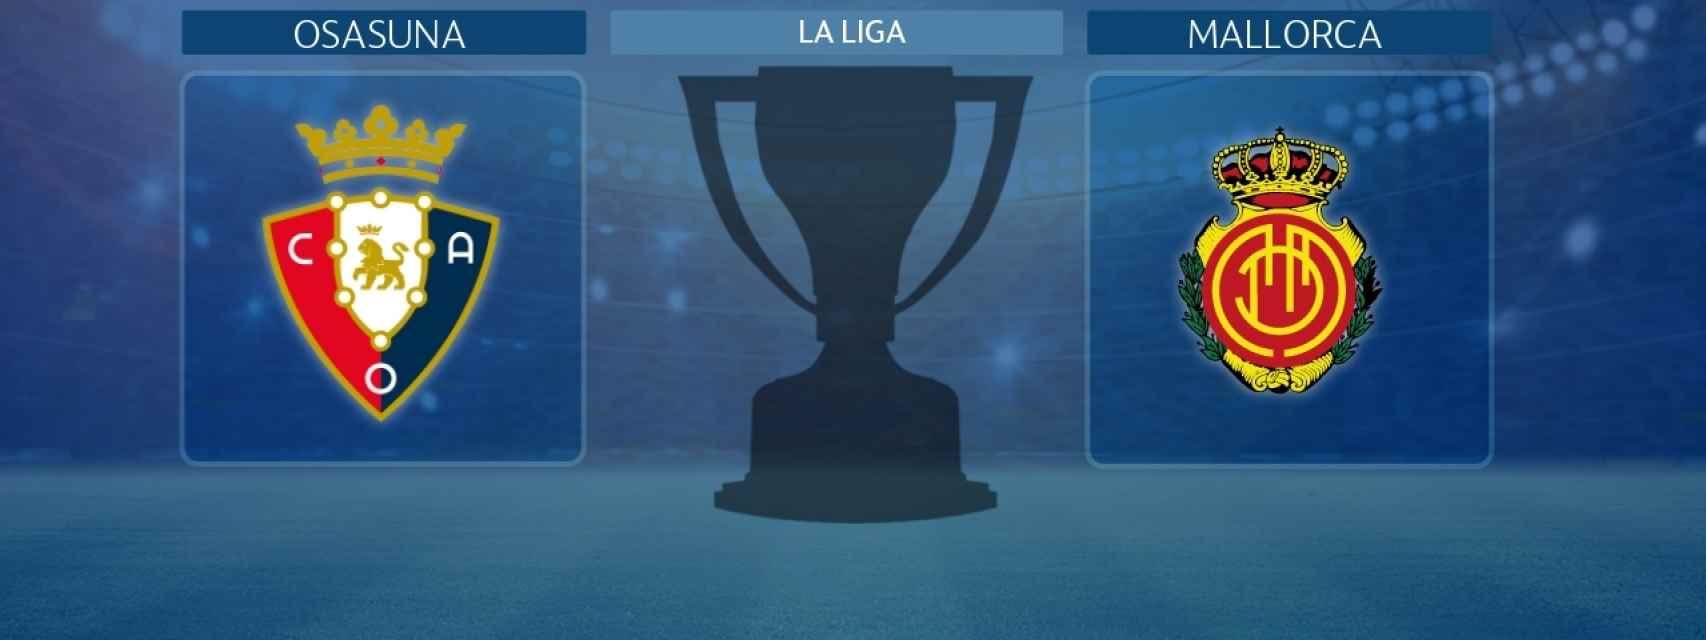 Osasuna - Mallorca, partido de La Liga